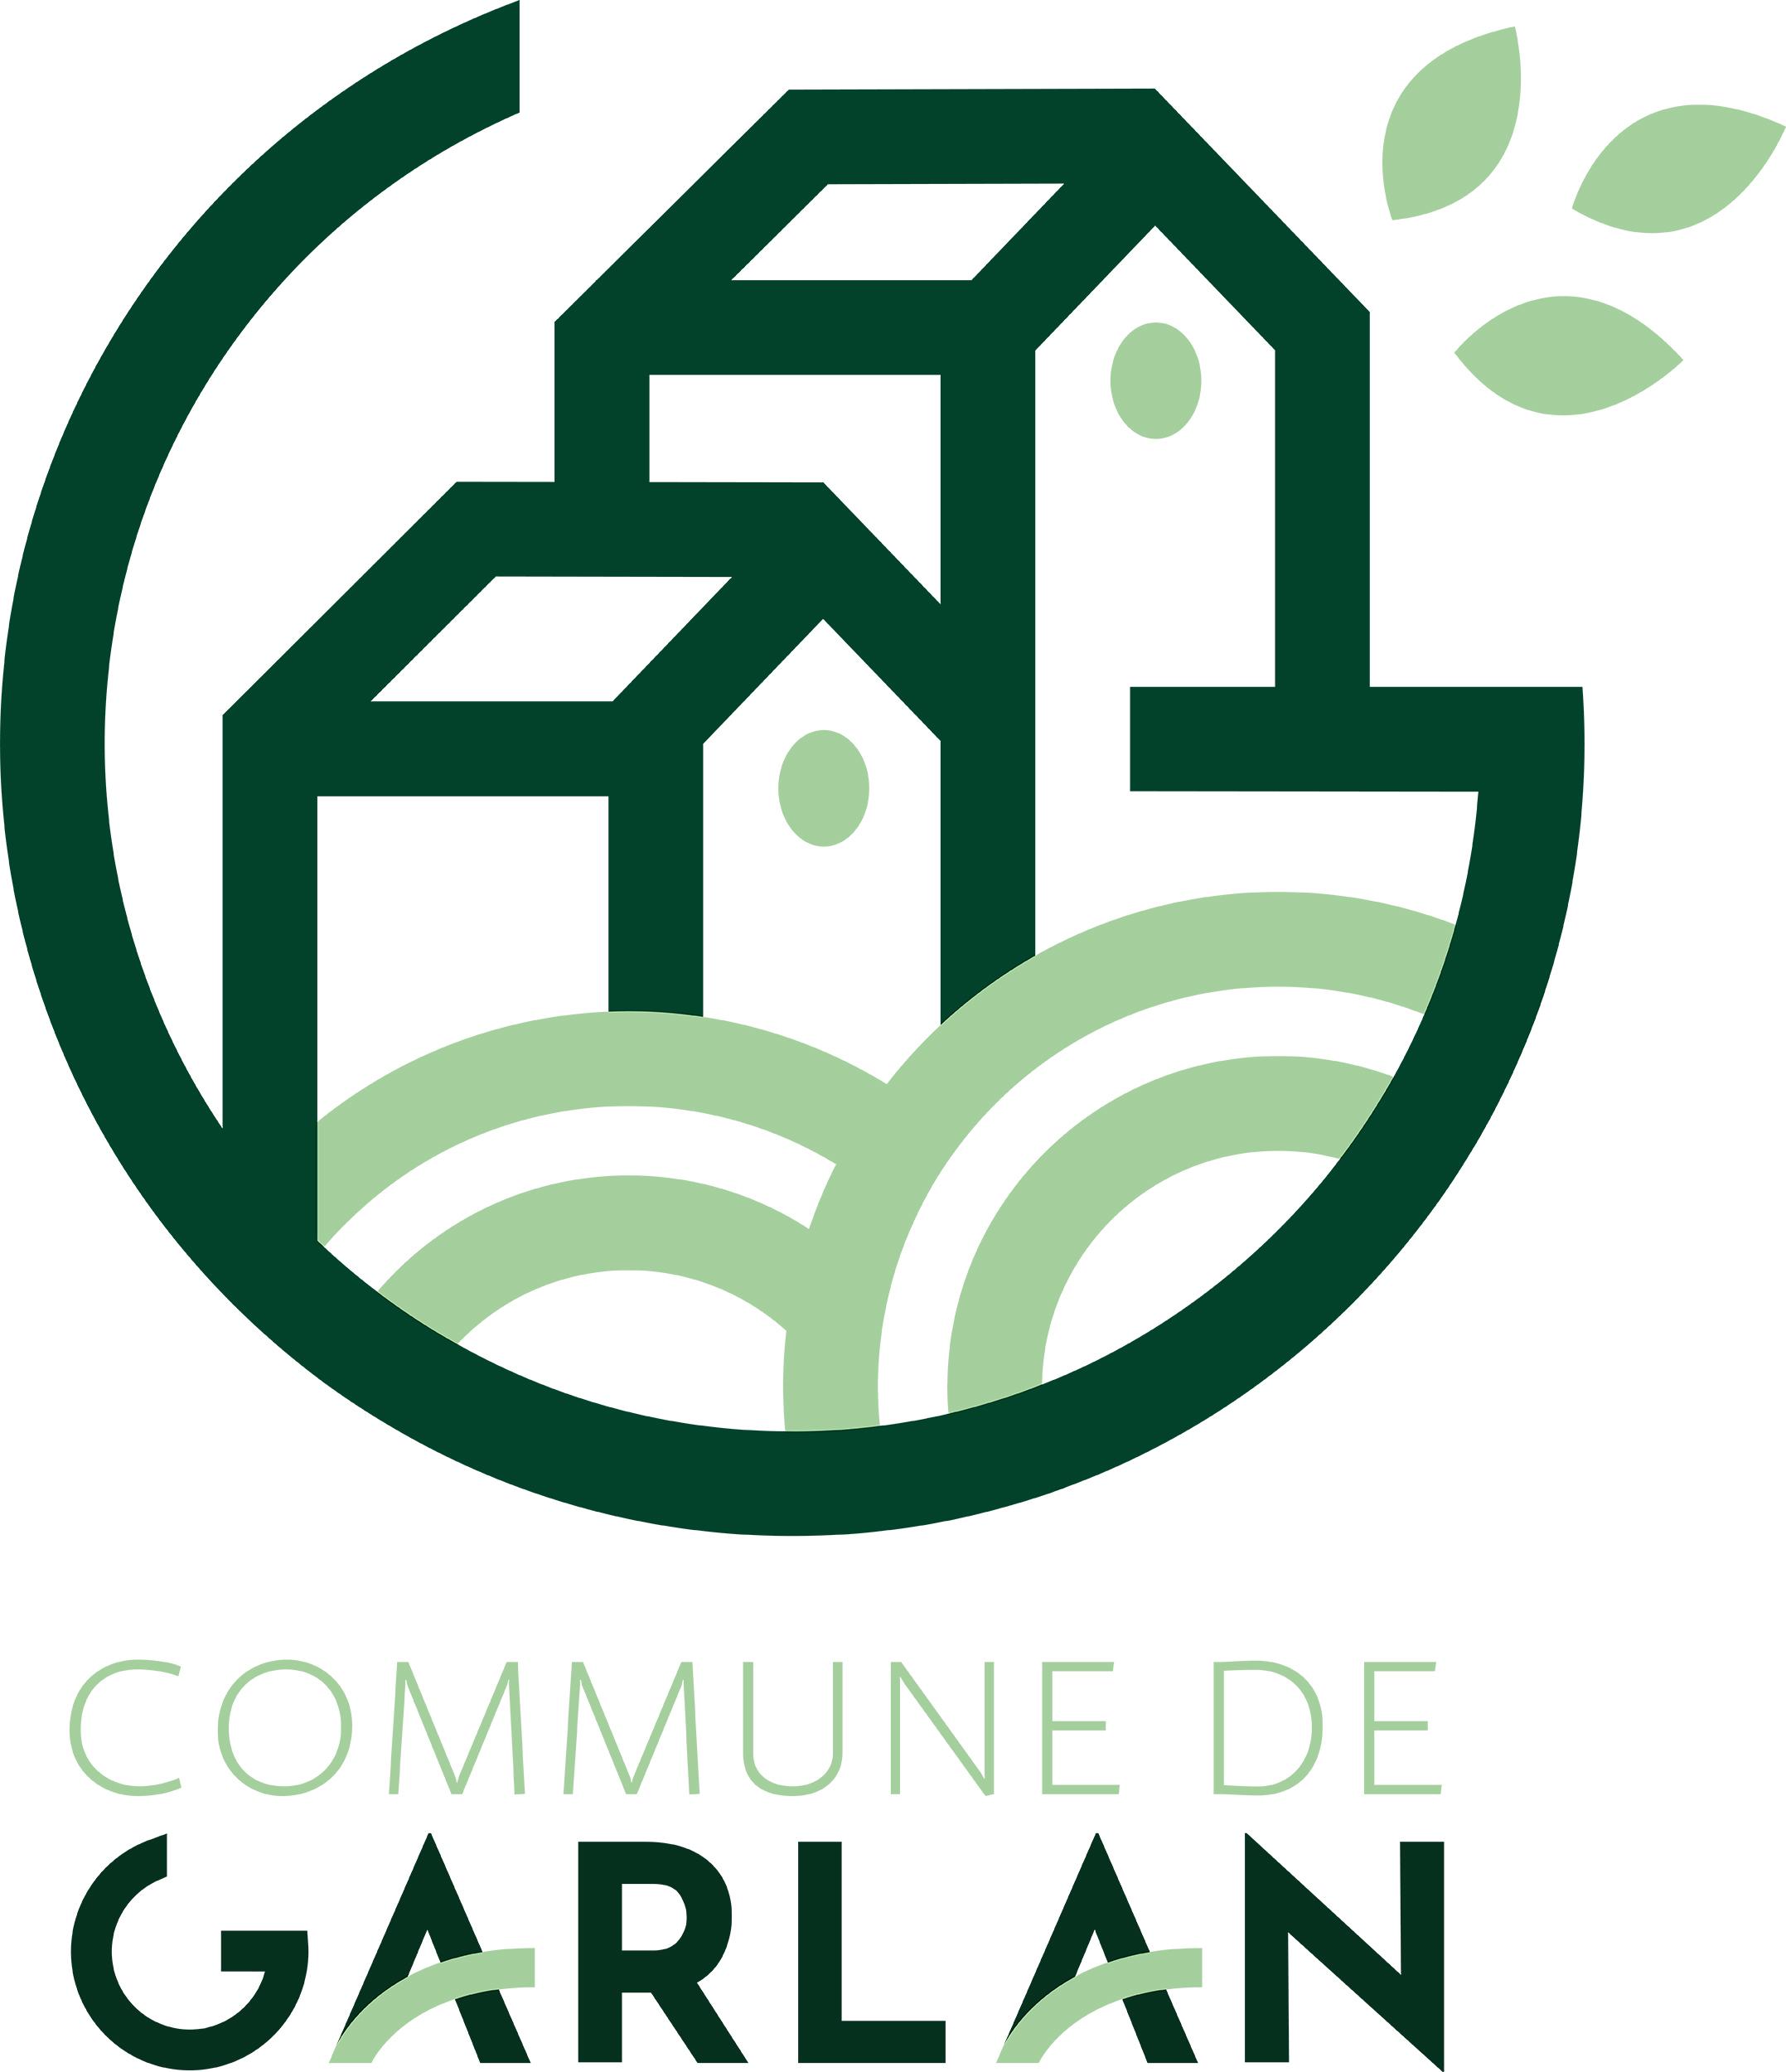 Commune de Garlan